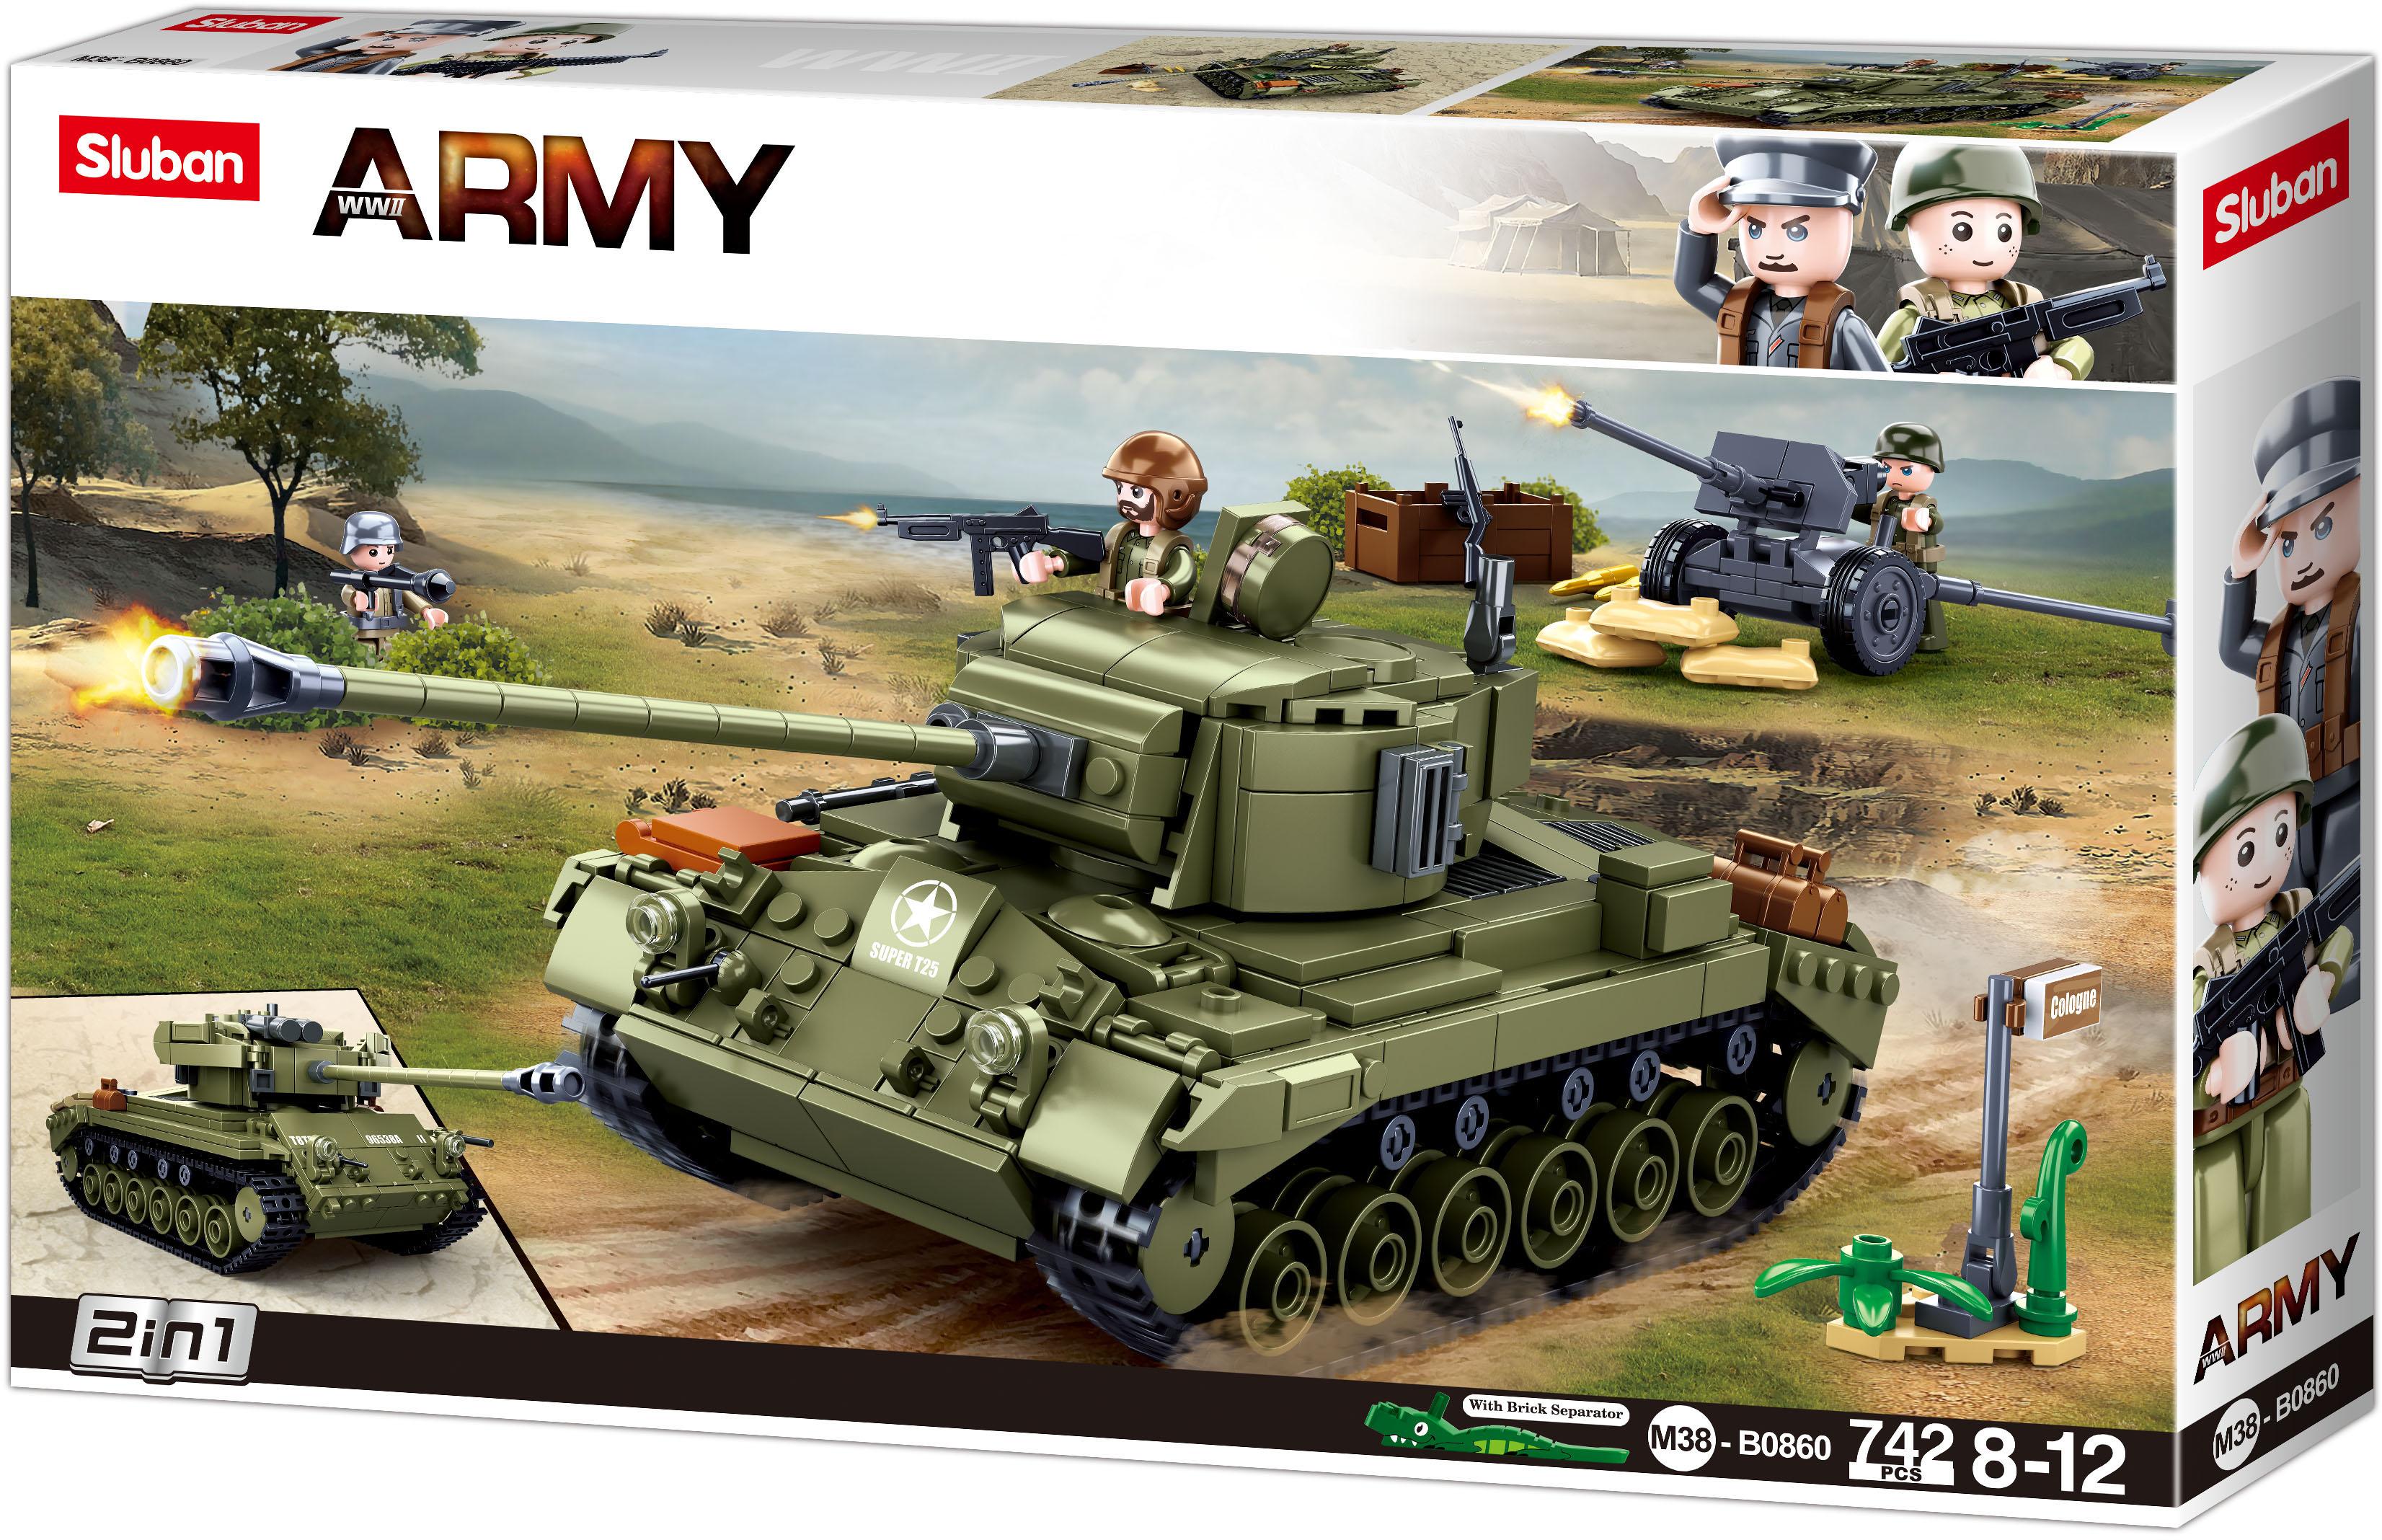 Sluban Army N38-B0860 Střední tank 2v1 a protiletecké dělo